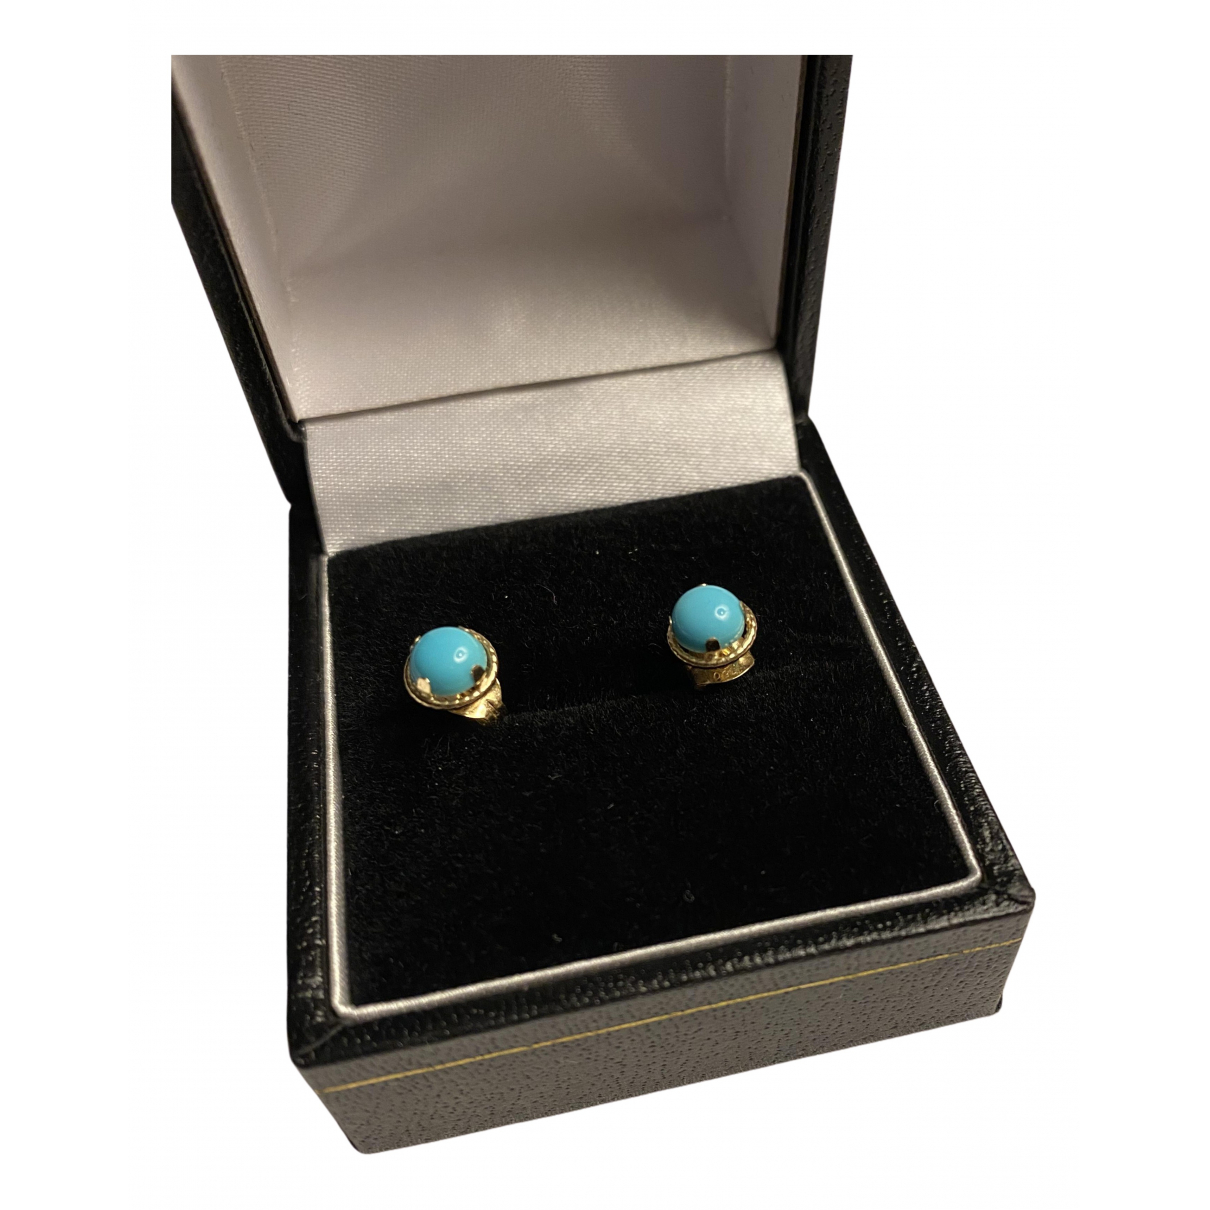 - Bague Turquoises pour femme en or jaune - dore